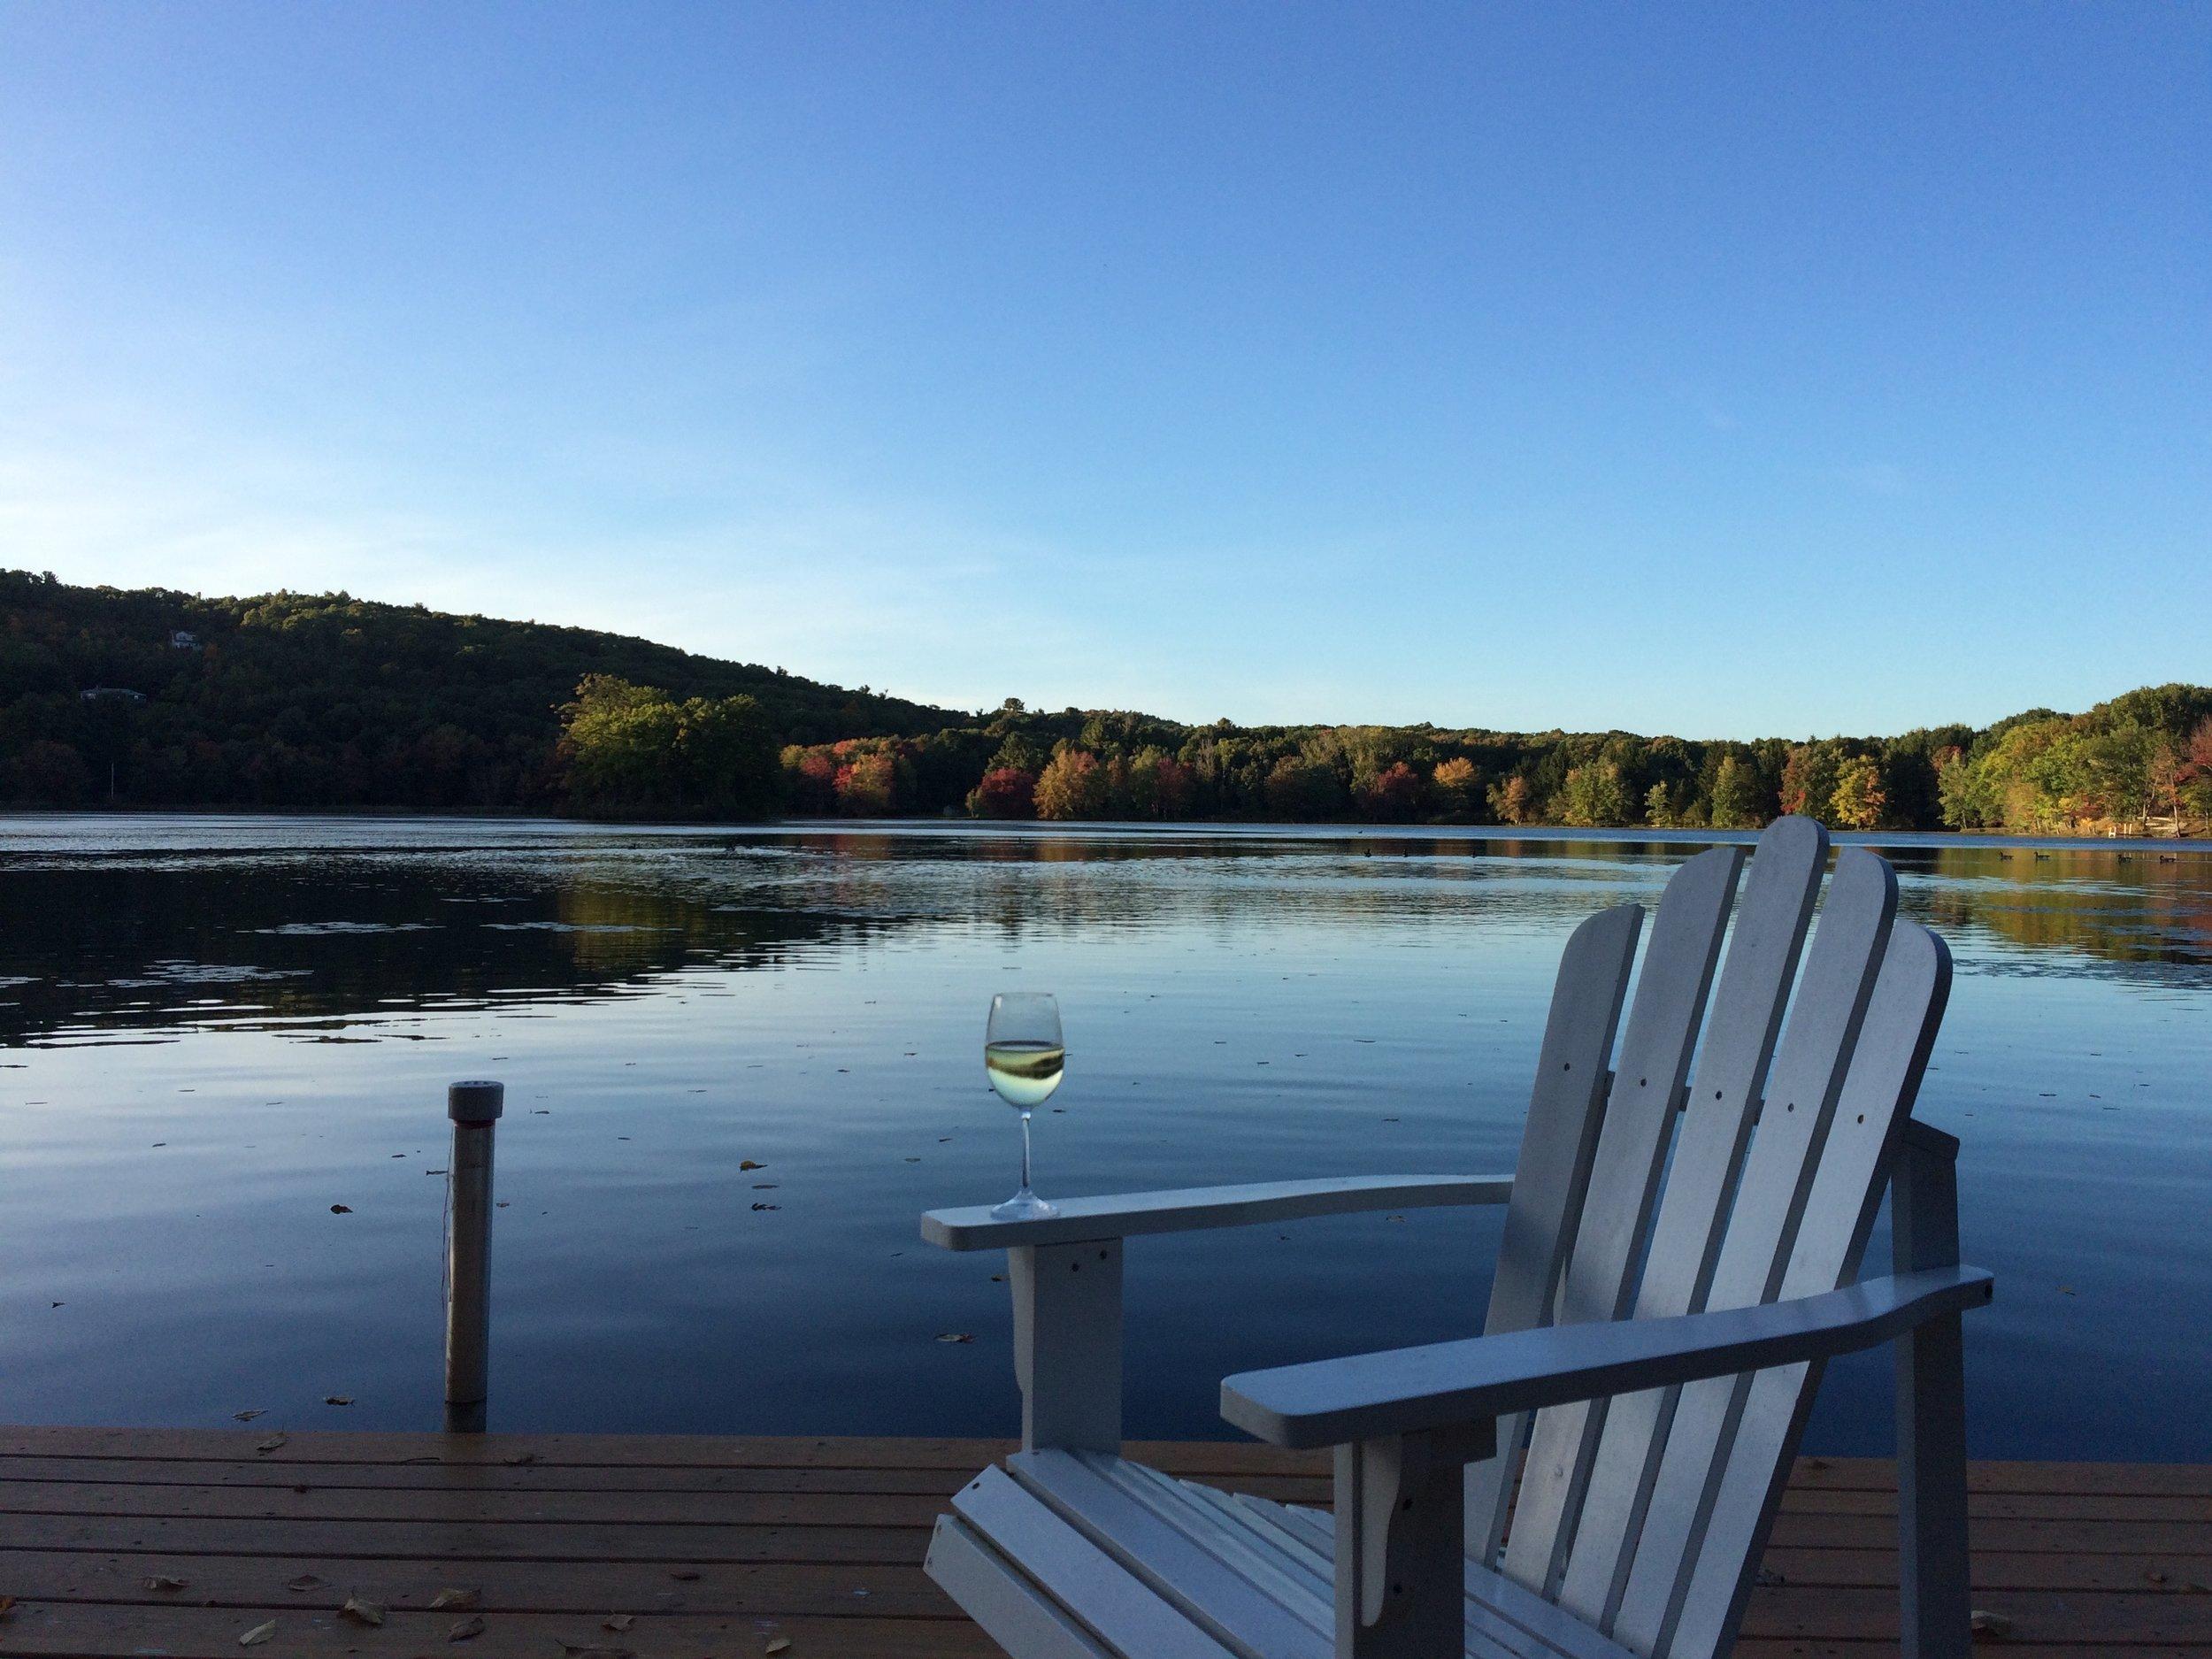 Evening on Twin Island Lake 10-3-2014.jpg